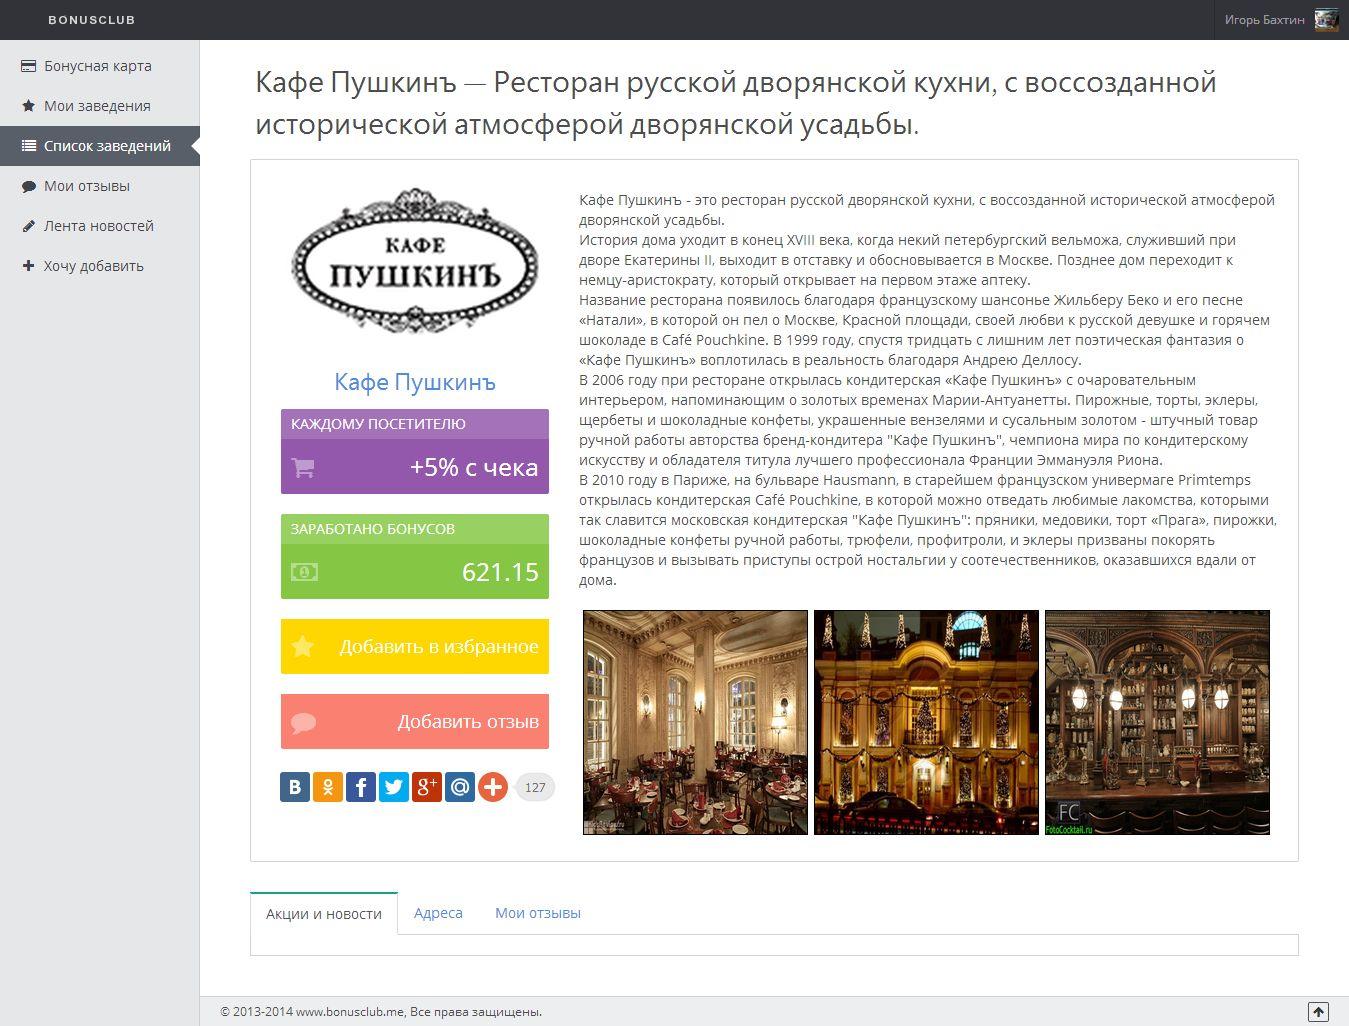 Дизайн внутренних страниц личного кабинета - дизайнер notfo